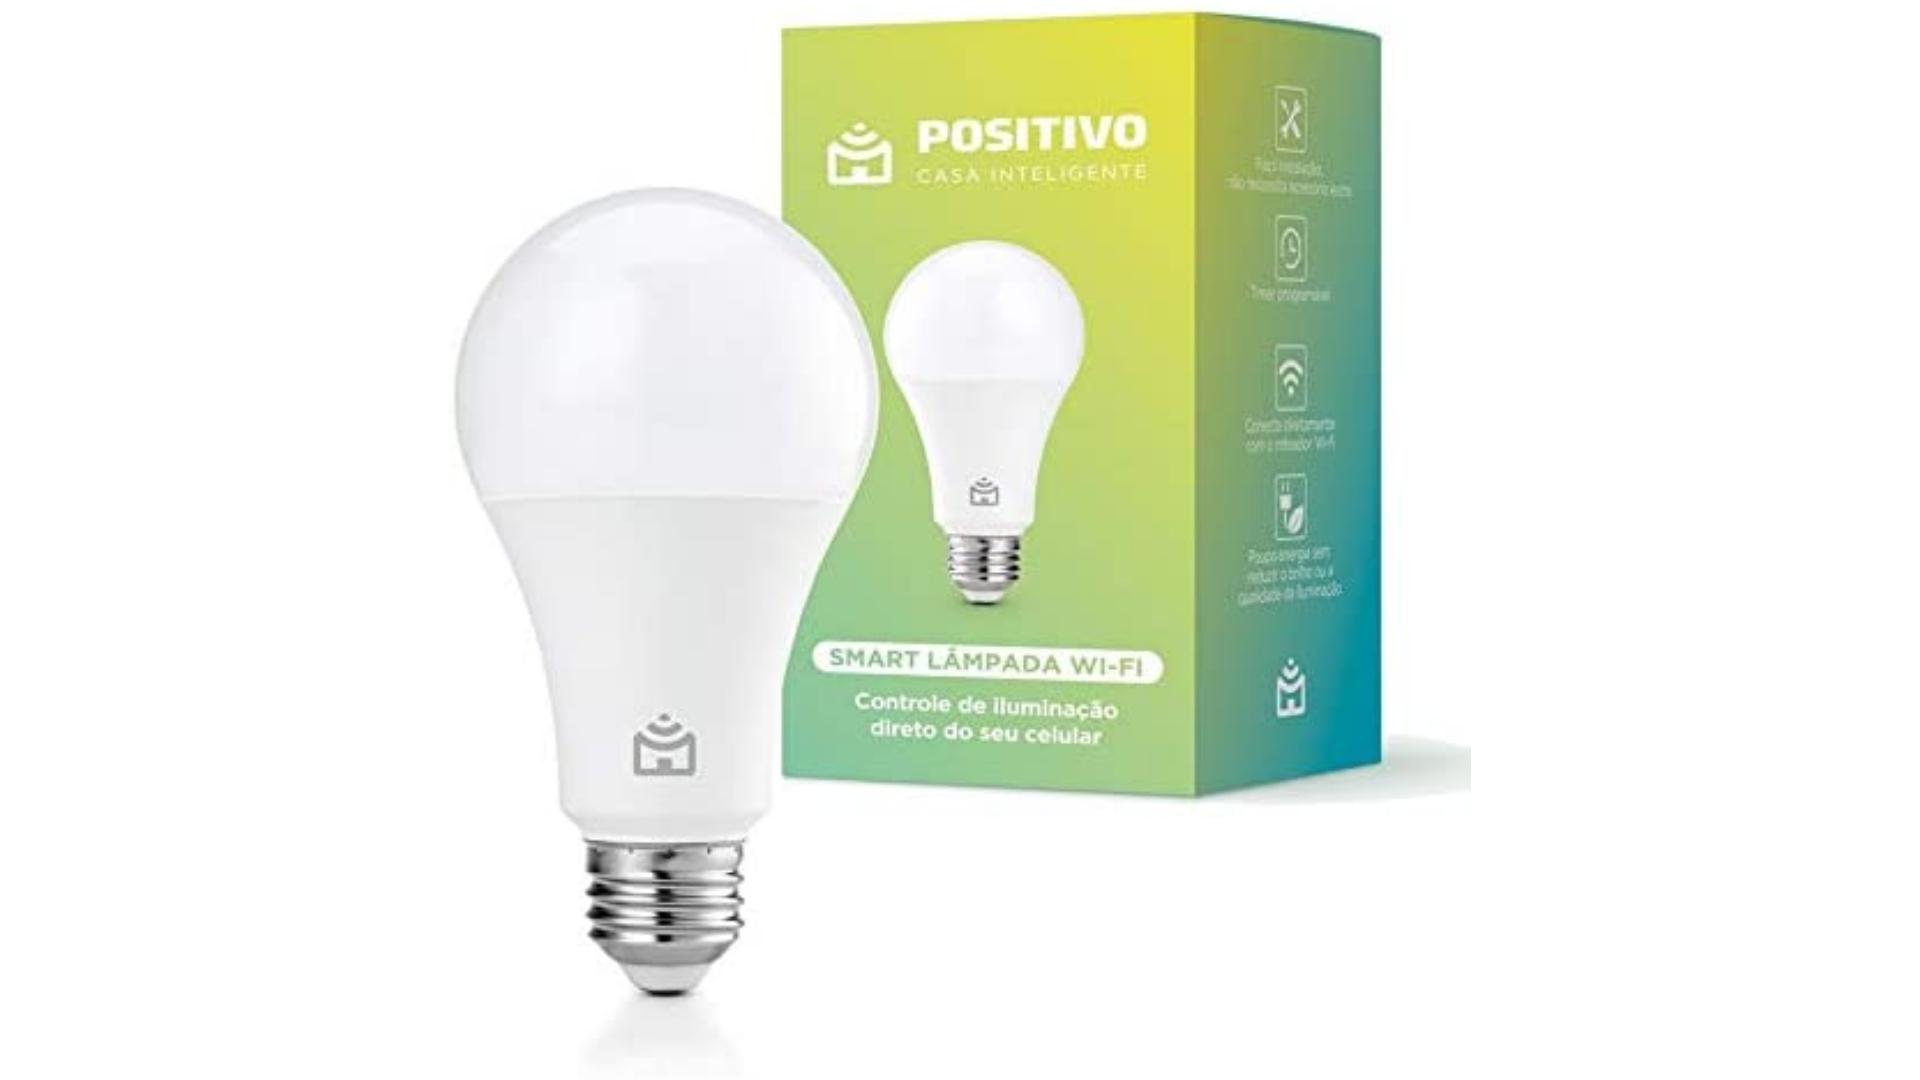 Confira a análise e saiba se a Smart Lâmpada Positivo vale a pena! (Imagem: Divulgação/Positivo)